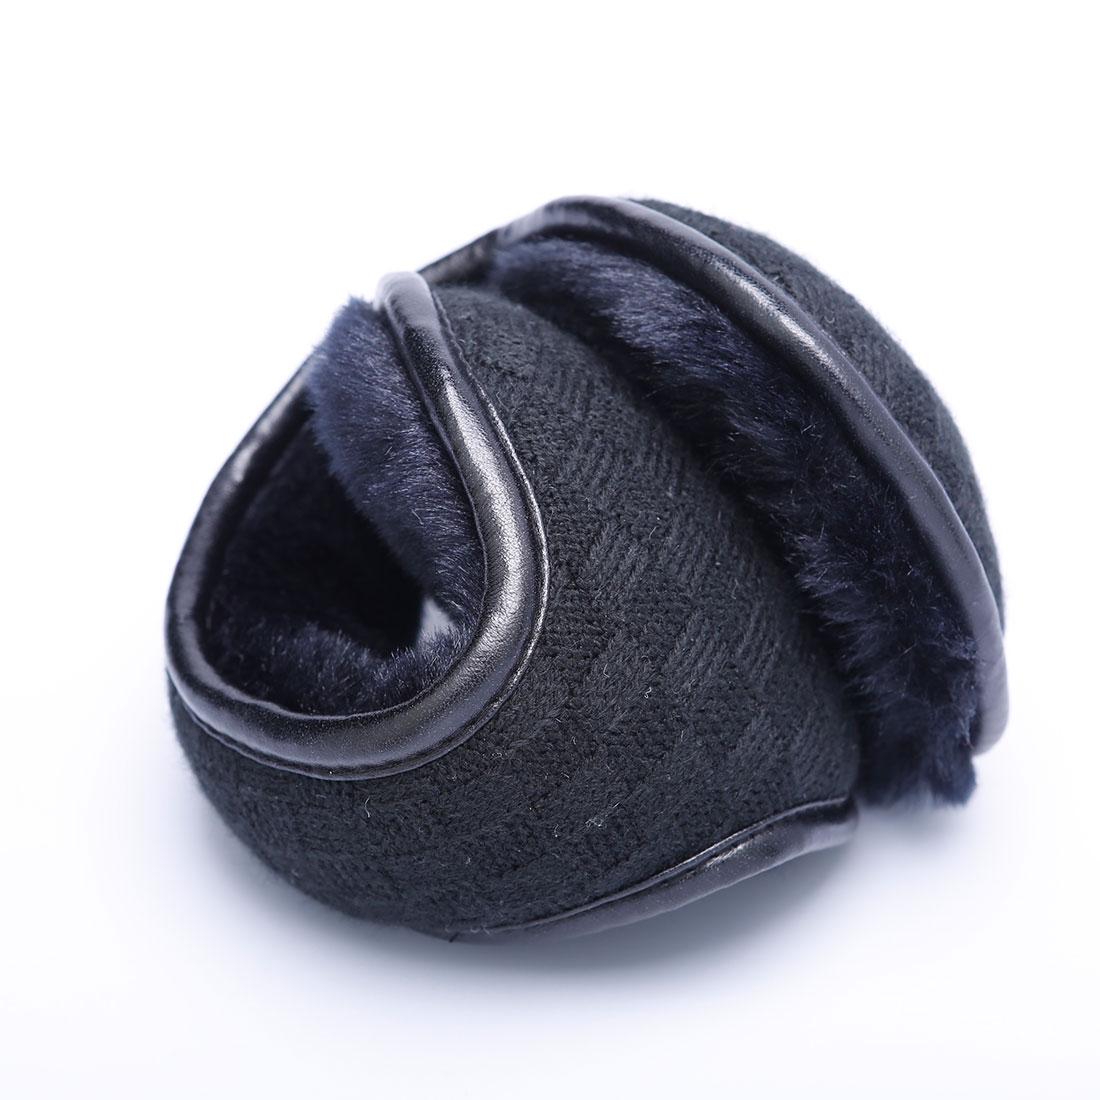 [해외]남자에 대 한 편안한 겨울 니트 귀고리 여자 접이식 귀 따뜻하게 귀 가방 가변 따뜻한 인형 귀고리 Earflap 다시 착용/Comfortable Winter Knitted Earmuffs For Men Women Foldable Ear Warmers Ear Ba